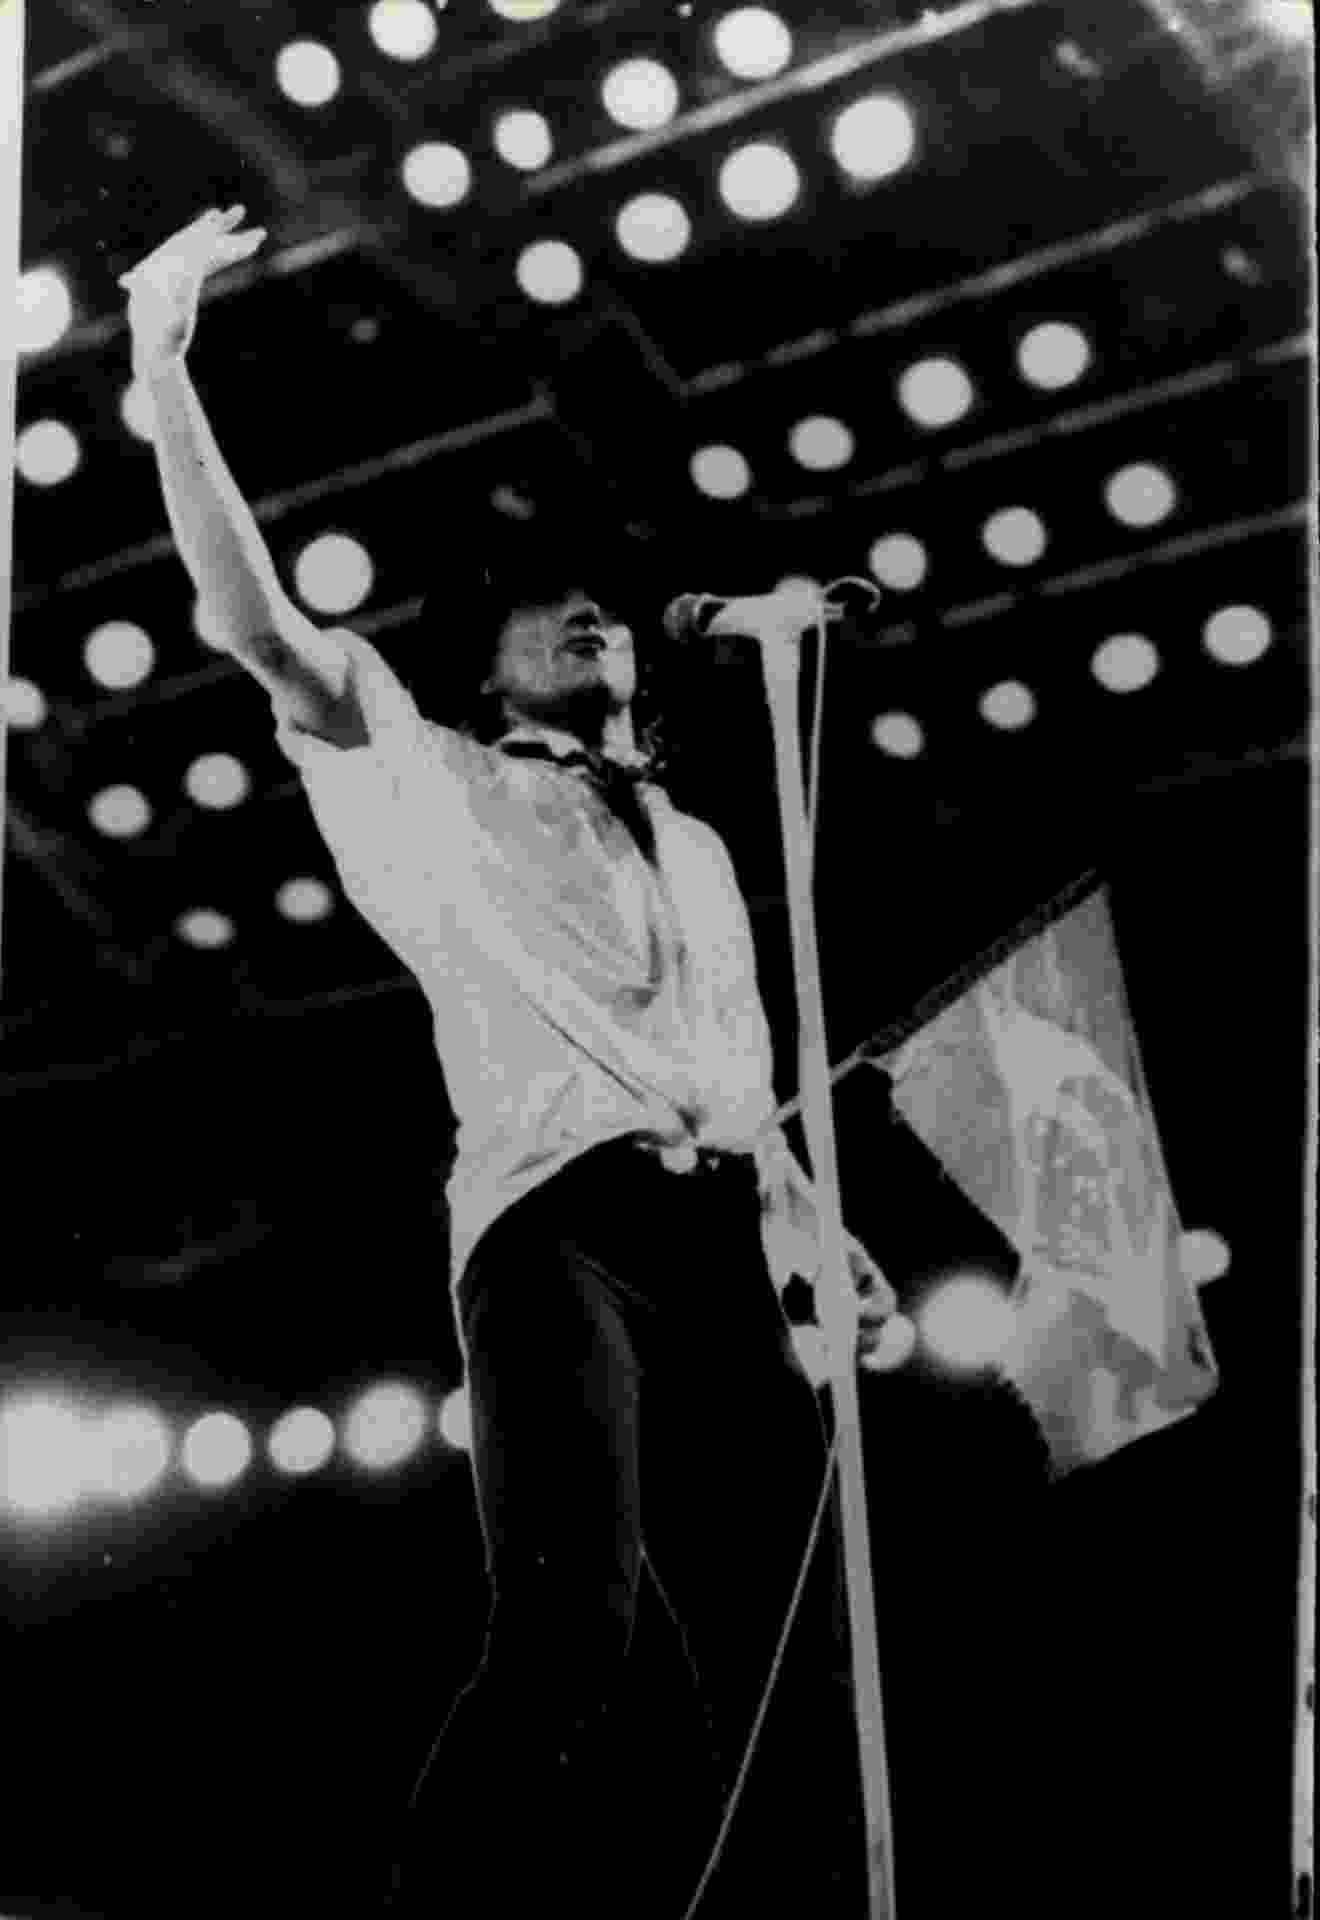 Apresentação do cantor Rod Stewart, no Rock in Rio 1985 - Renata Falzoni/Folhapress